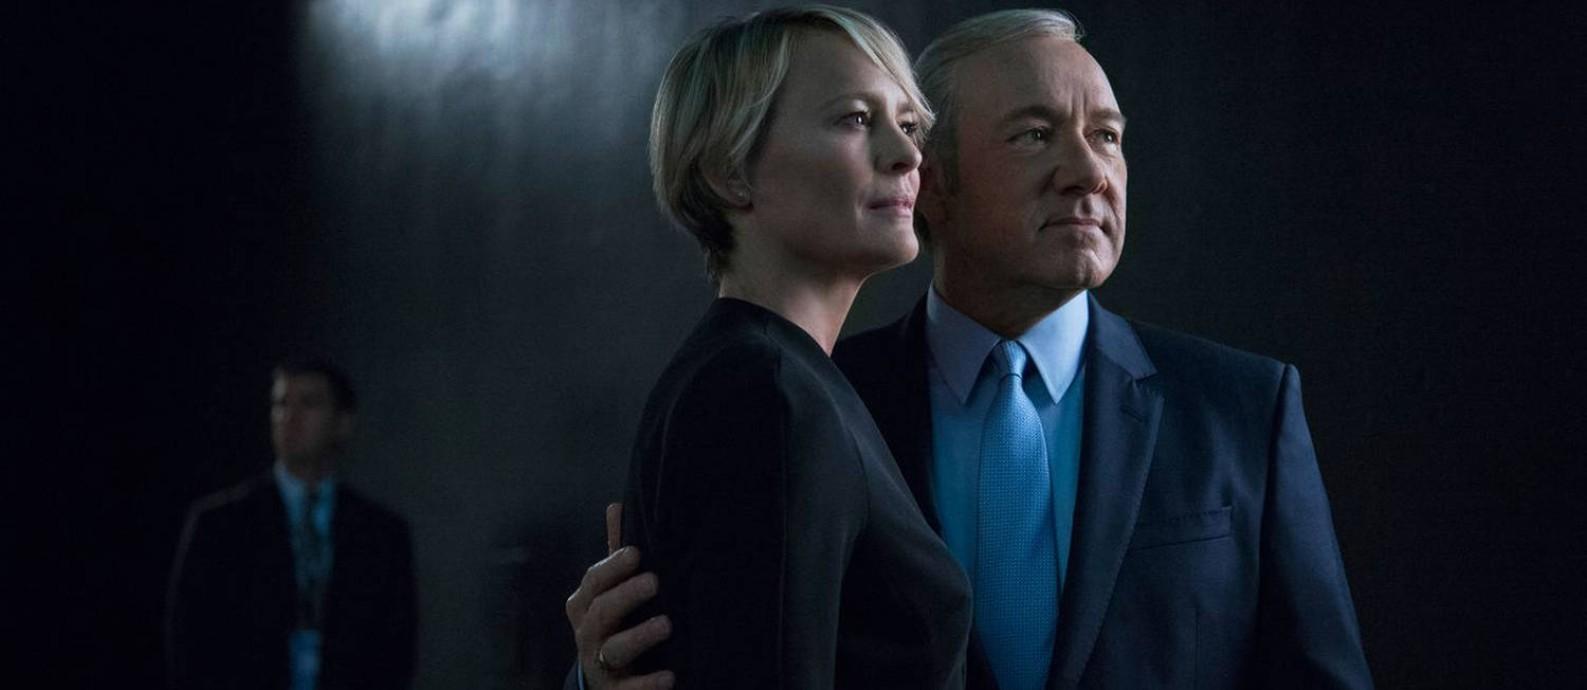 'House of cards': série política é 'saboreada' por assinantes da Netflix Foto: Divulgação